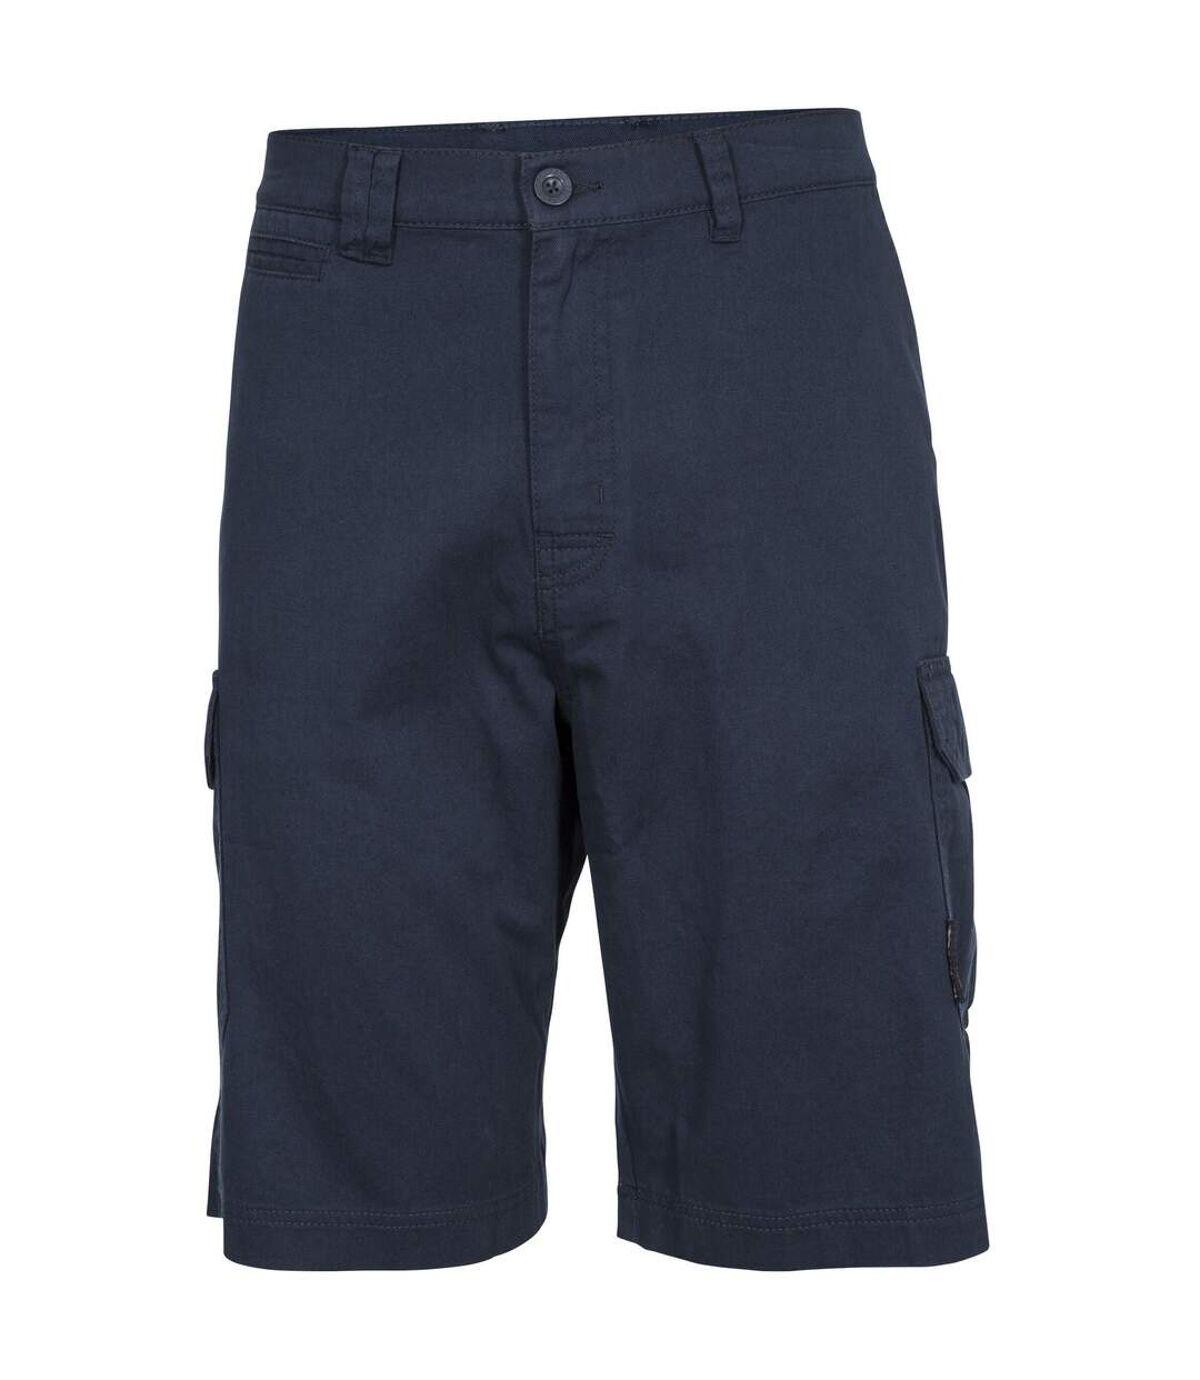 Trespass Mens Rawson Shorts (Navy) - UTTP4574